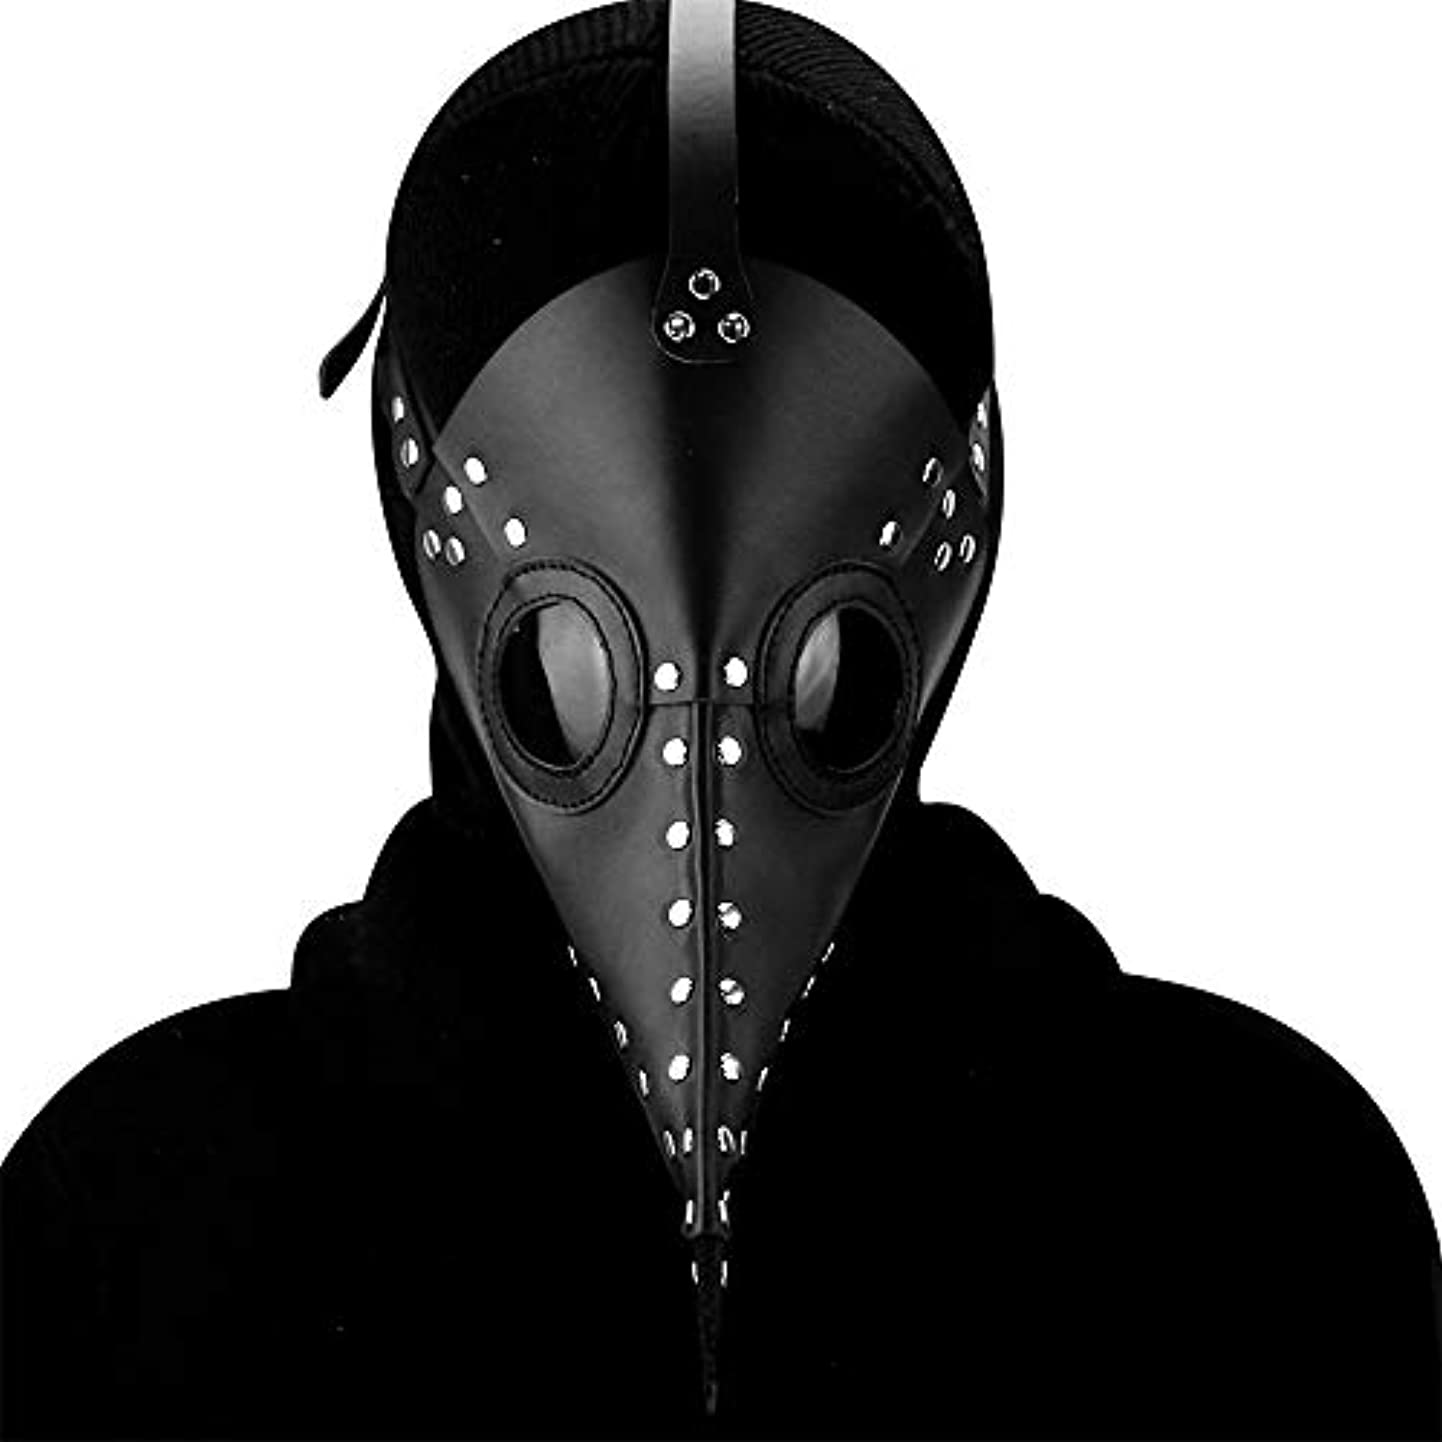 フォーマット遺体安置所スラッシュハロウィーンペストビークマスクパーティーの小道具仮装